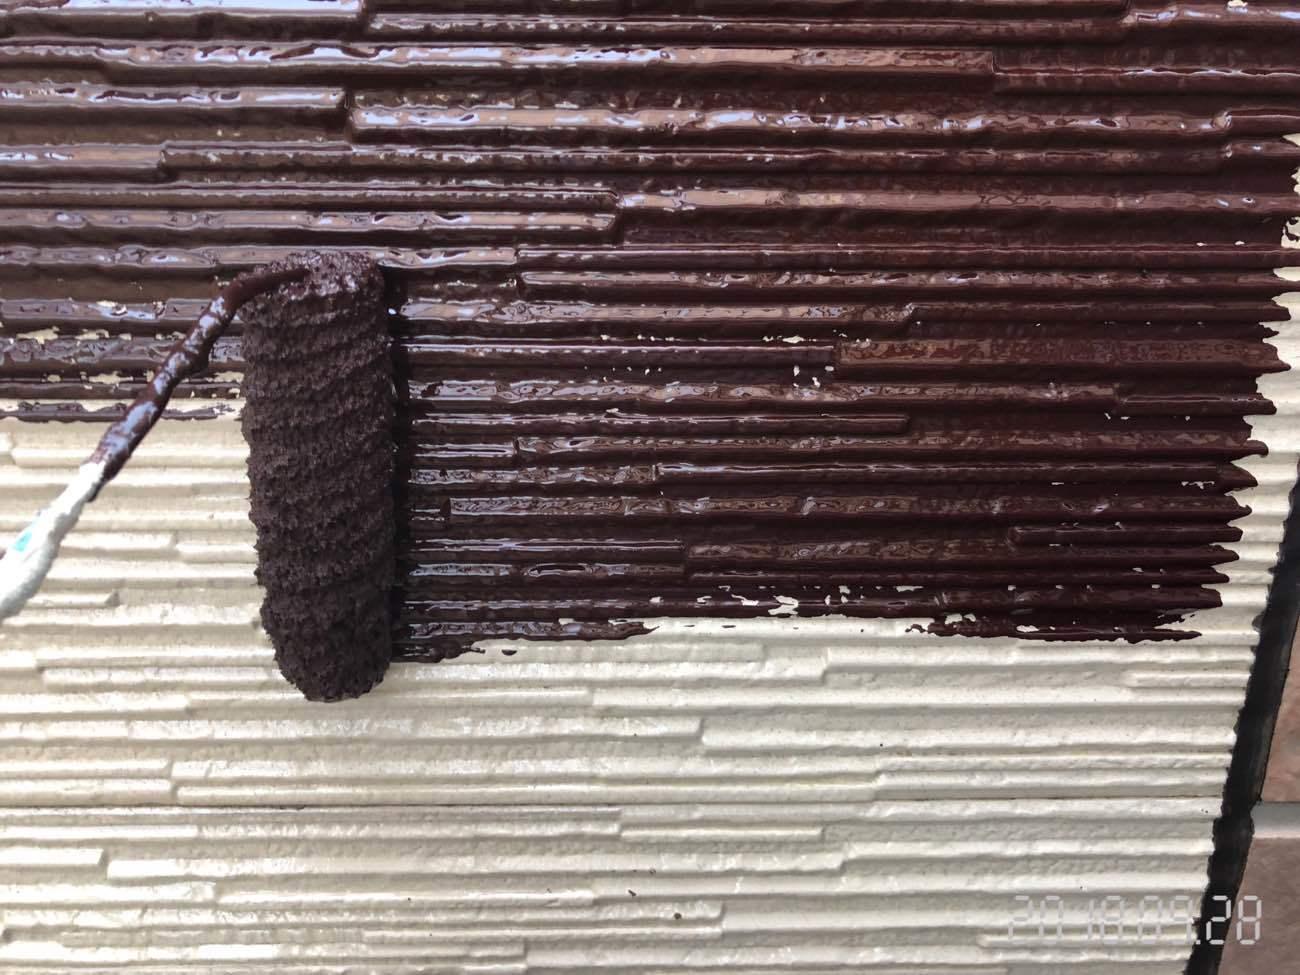 ウレタン塗料とは|外壁塗装で使う3つの利点&おすすめ塗料を徹底解説